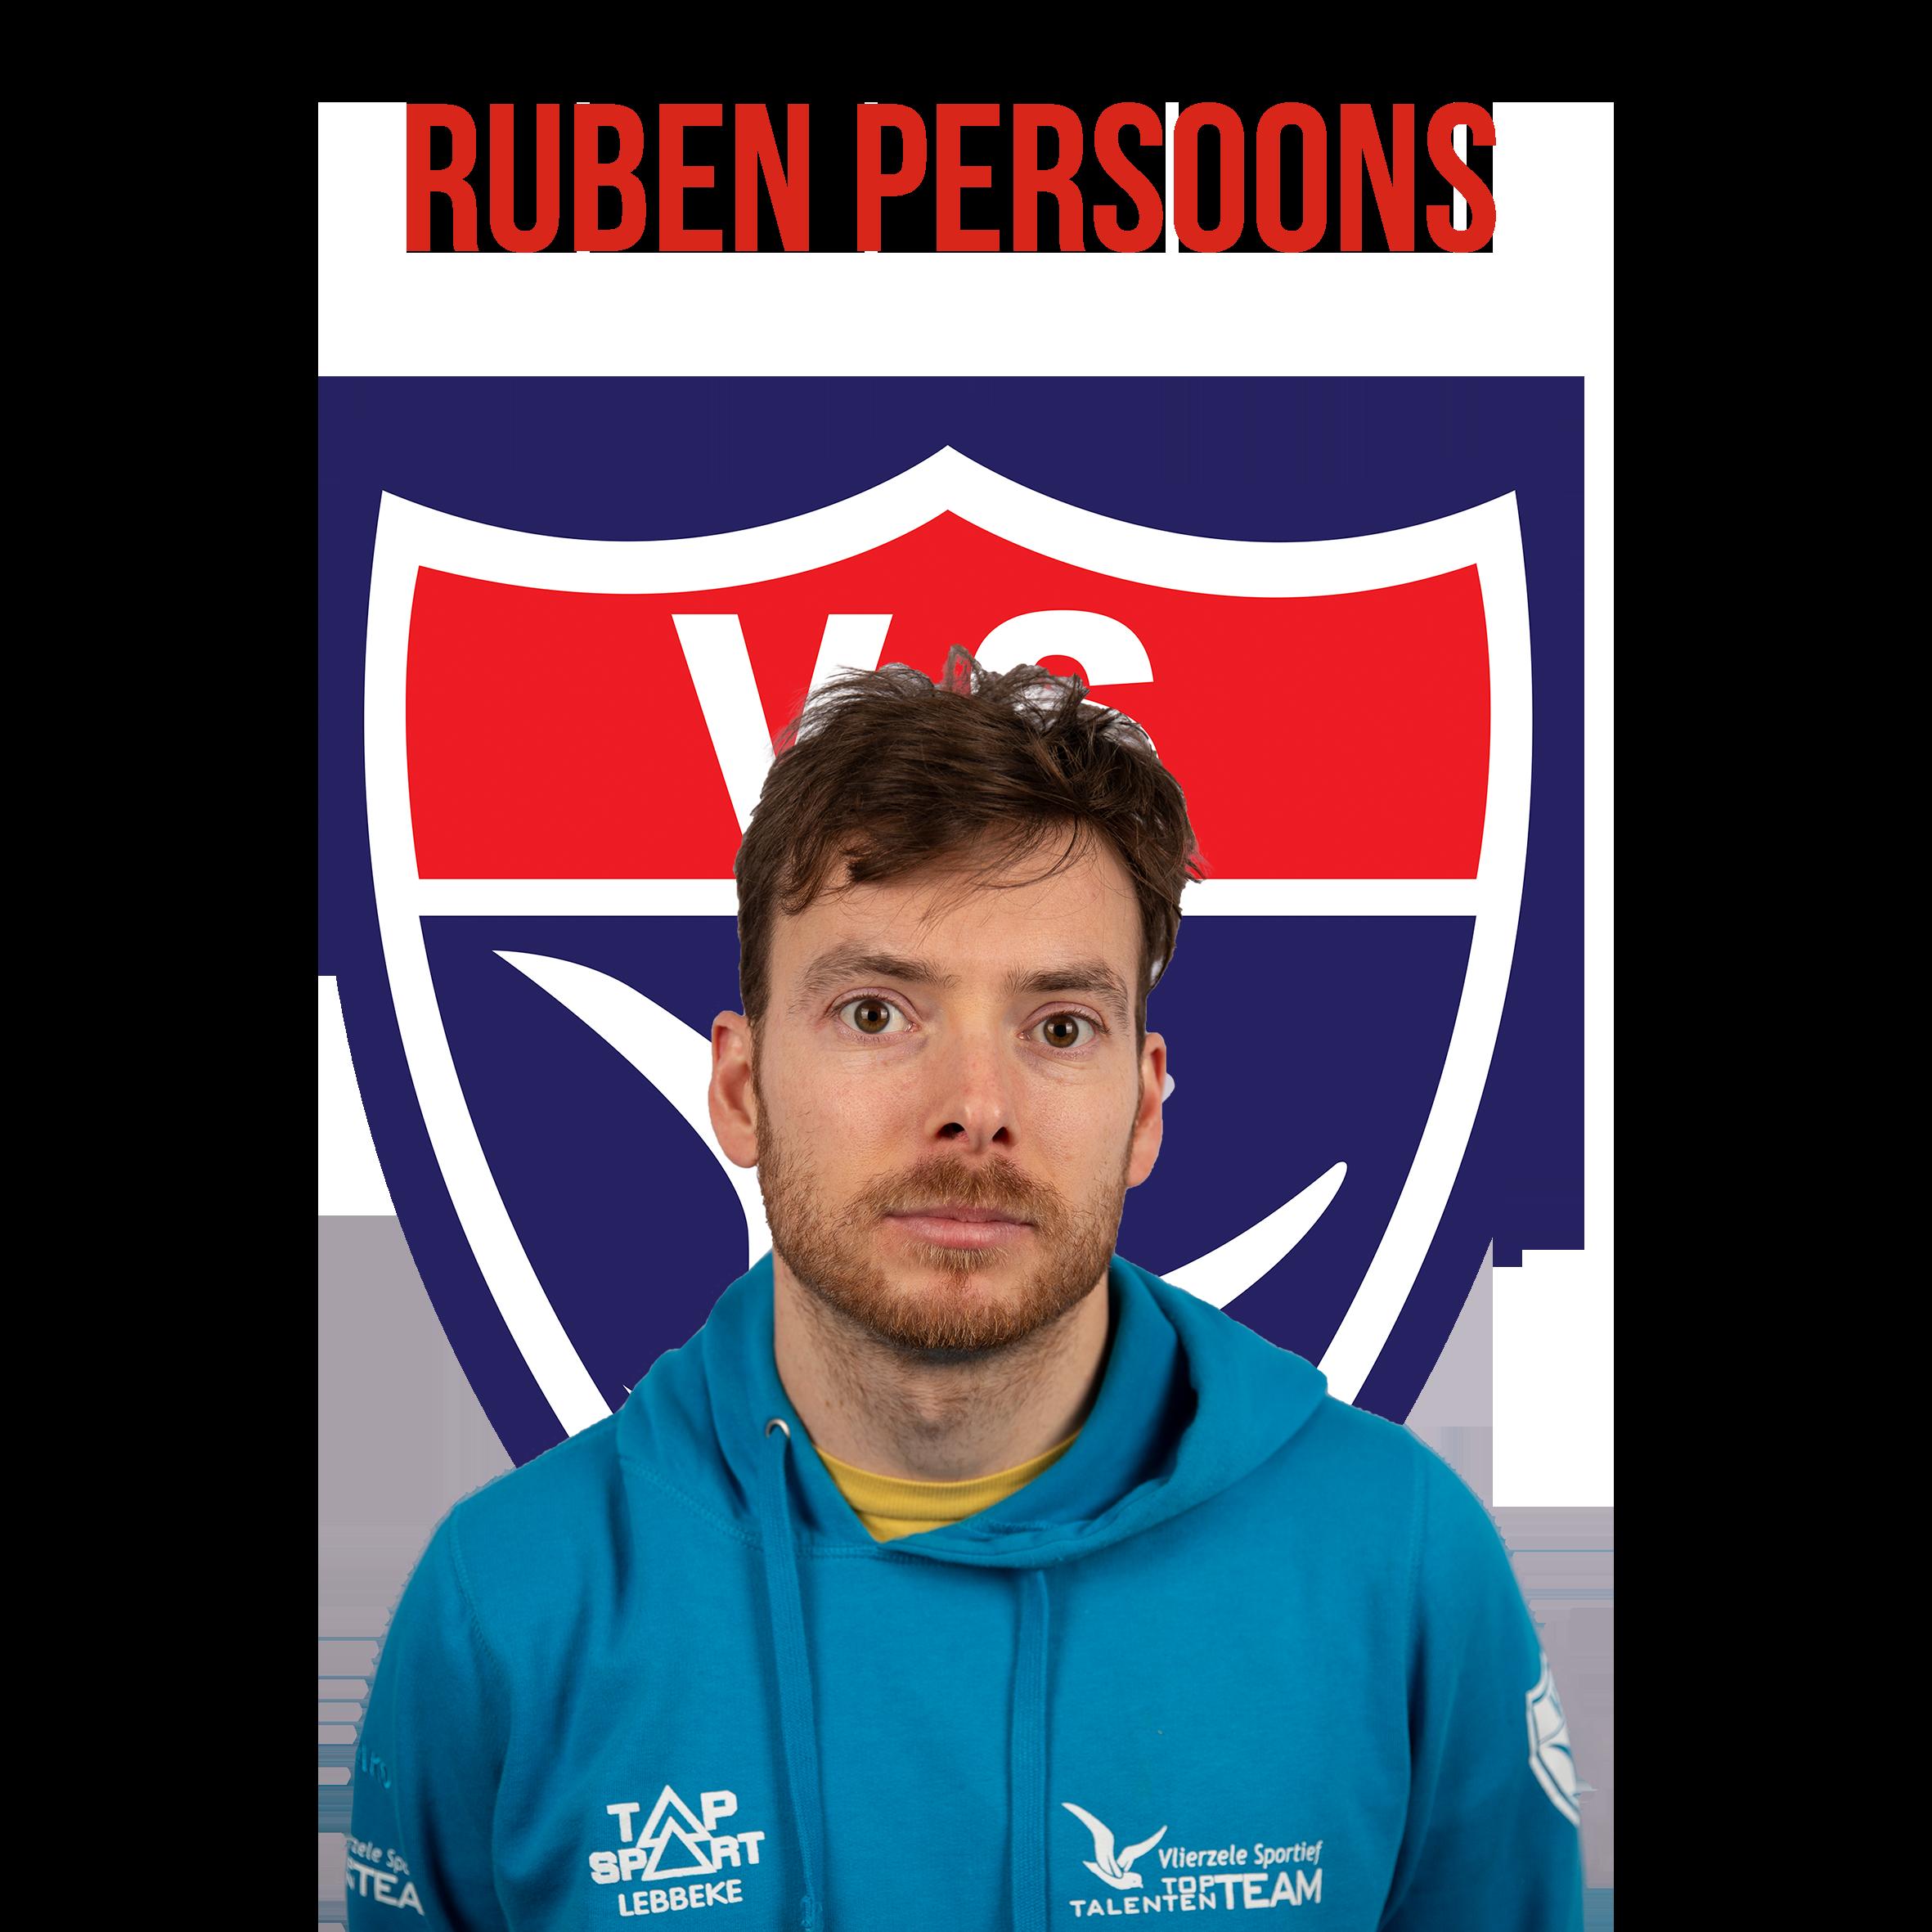 Persoons_ruben